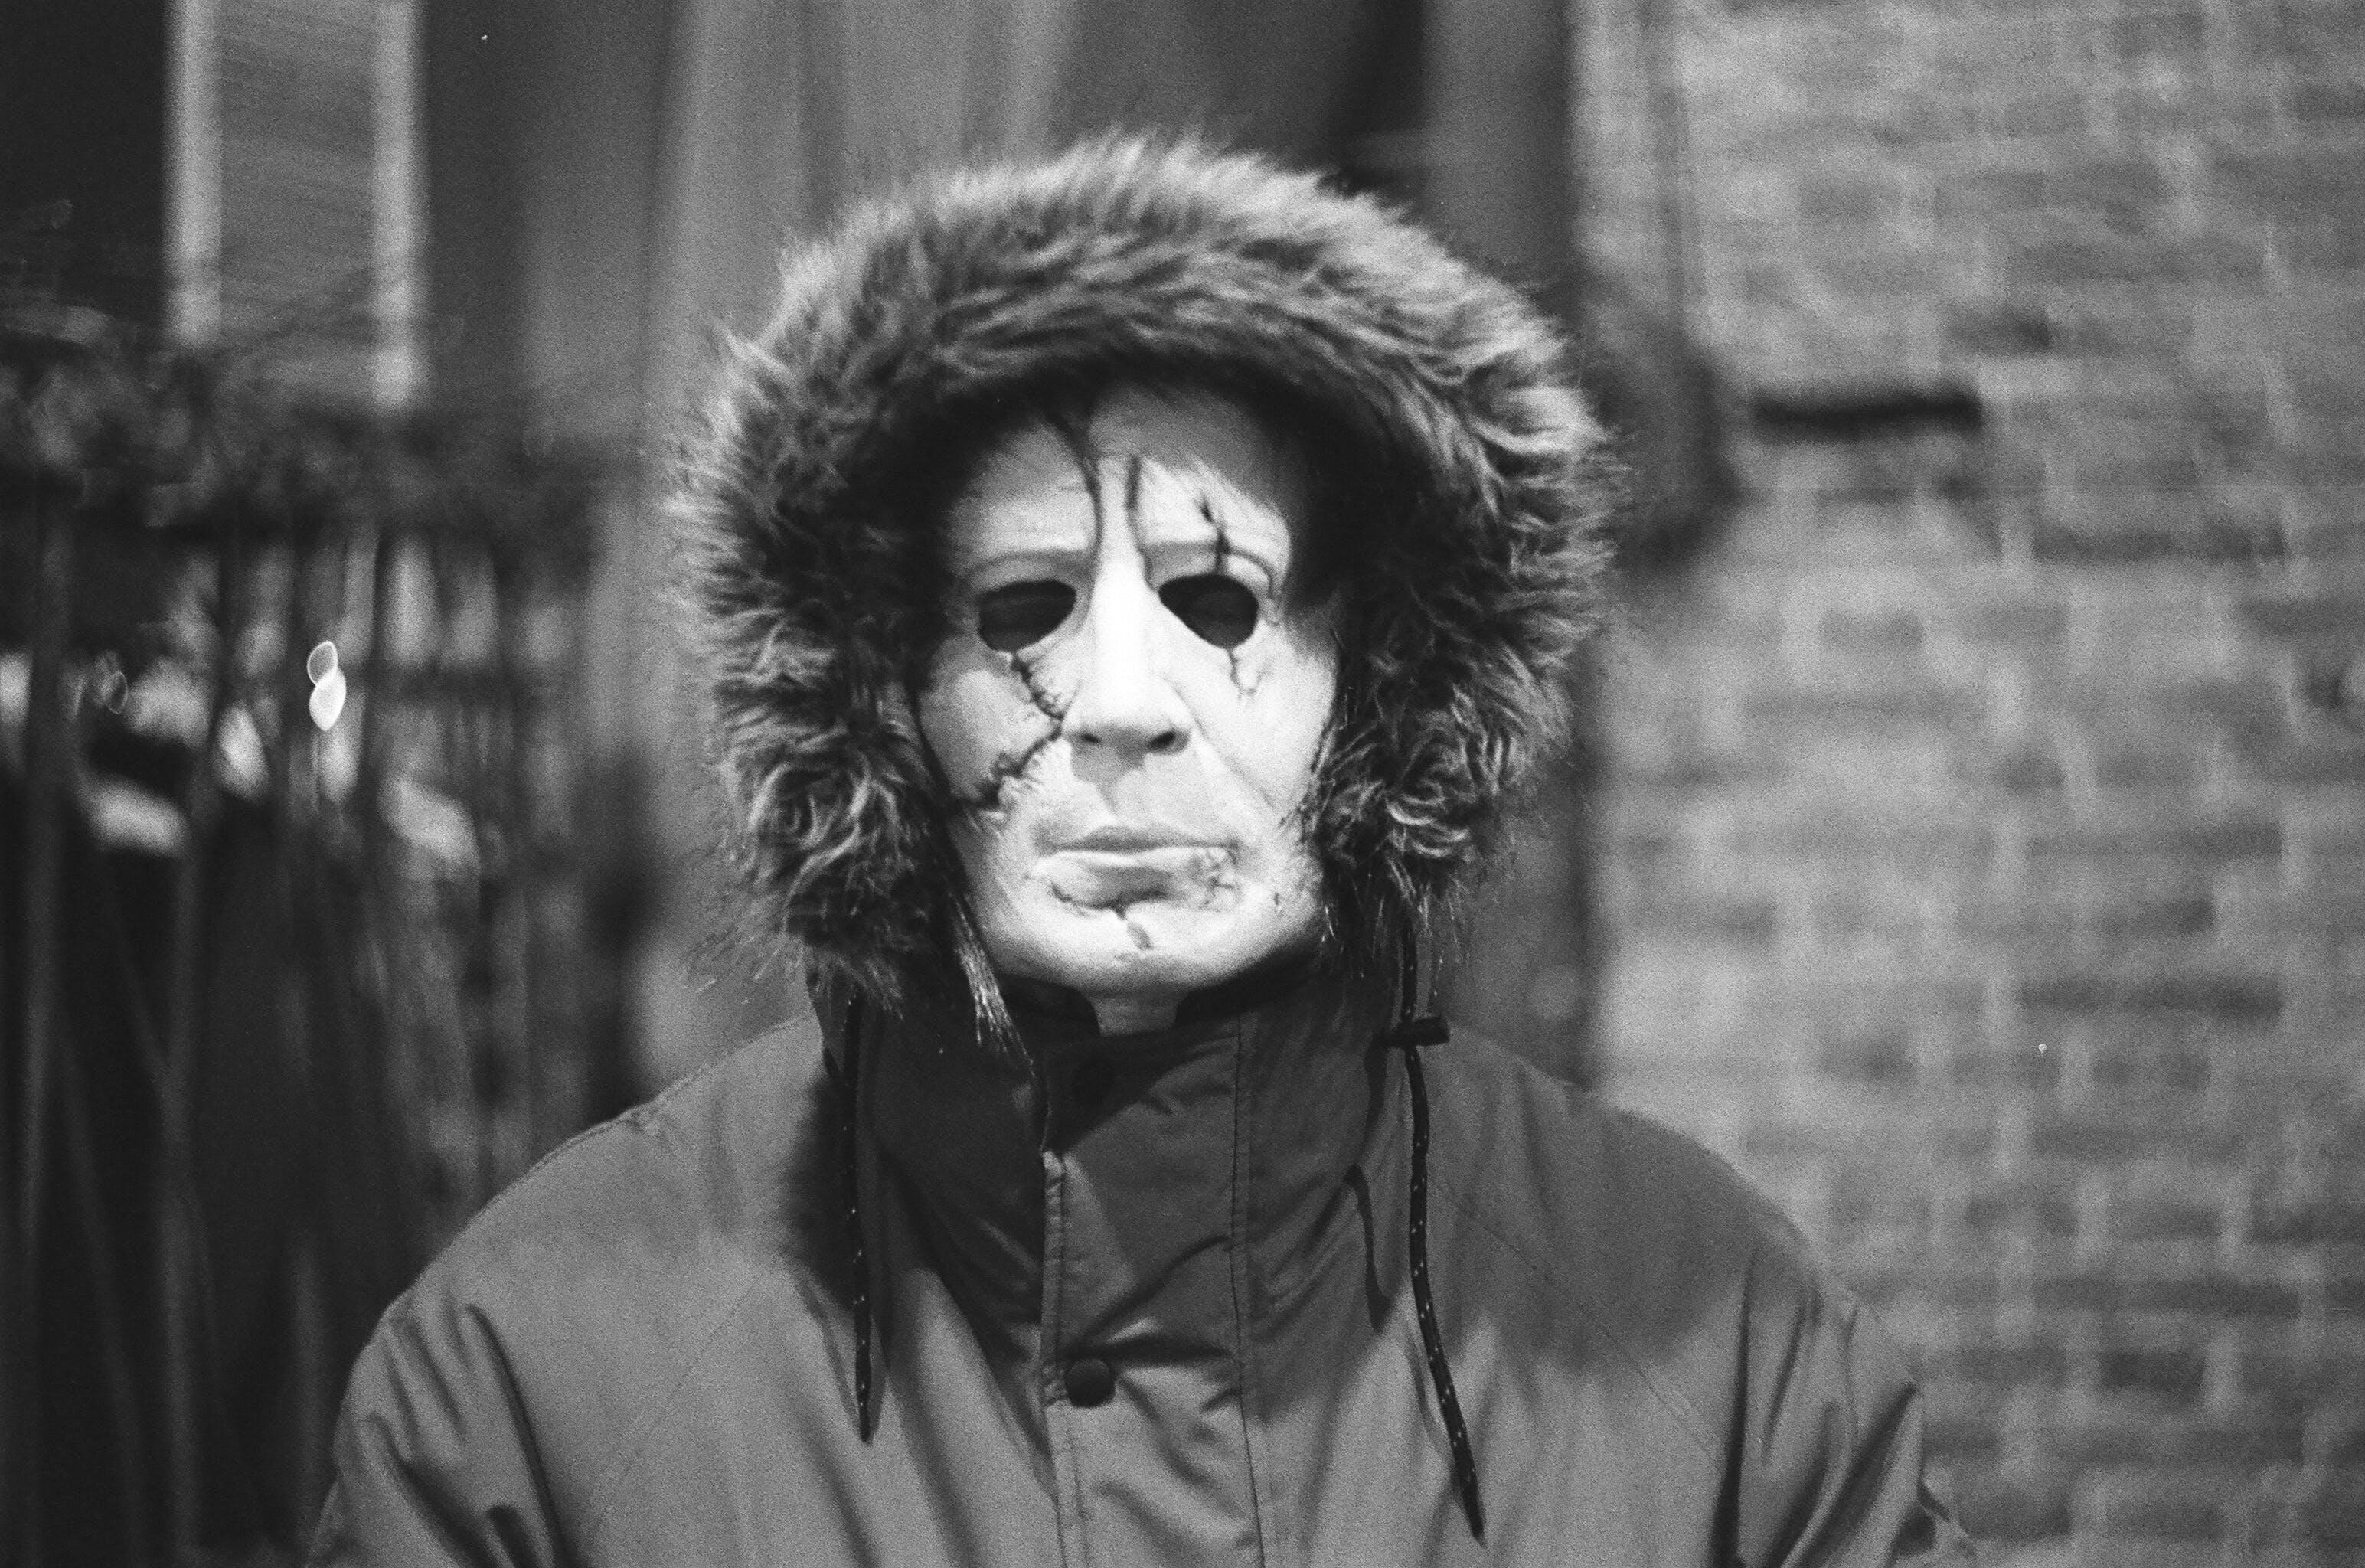 Gratis lagerfoto af maskeret, person, sort og hvid, sort/hvid fotografi